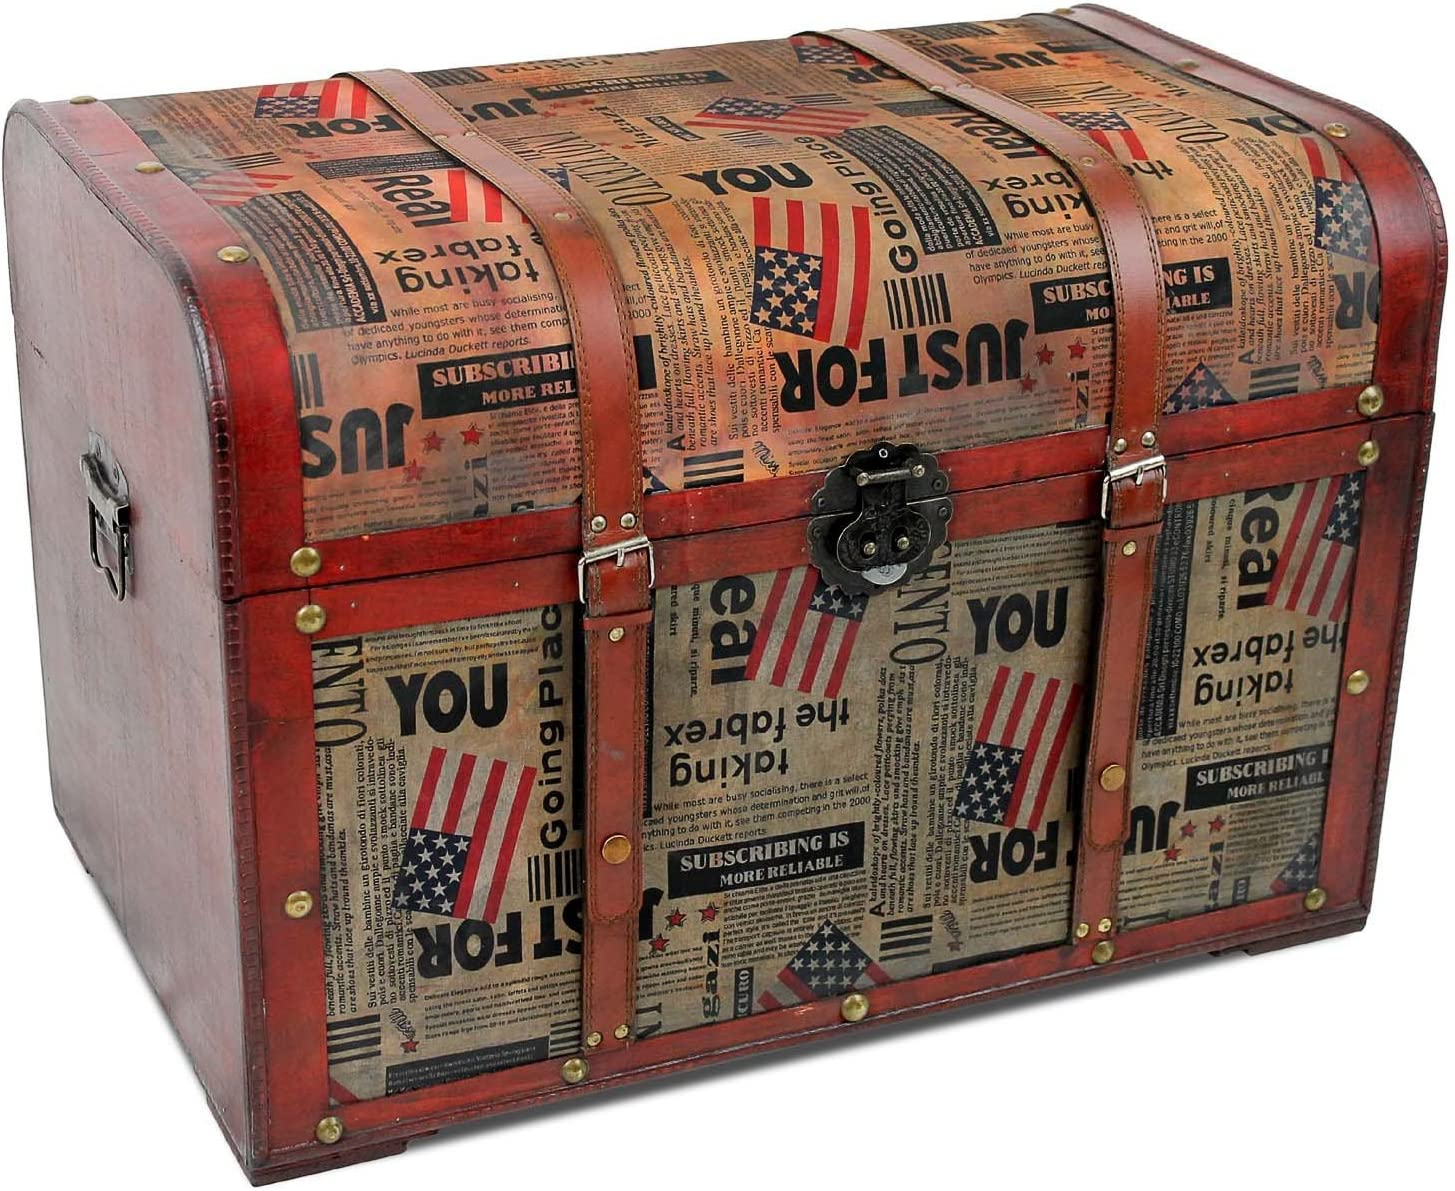 XL baúl de madera con correa 100l – American Retro Diseño de 65 x 42 x 45 cm Cofre del Tesoro Cofre del Tesoro baúl Caja de almacenamiento (Almacenamiento Caja de madera: